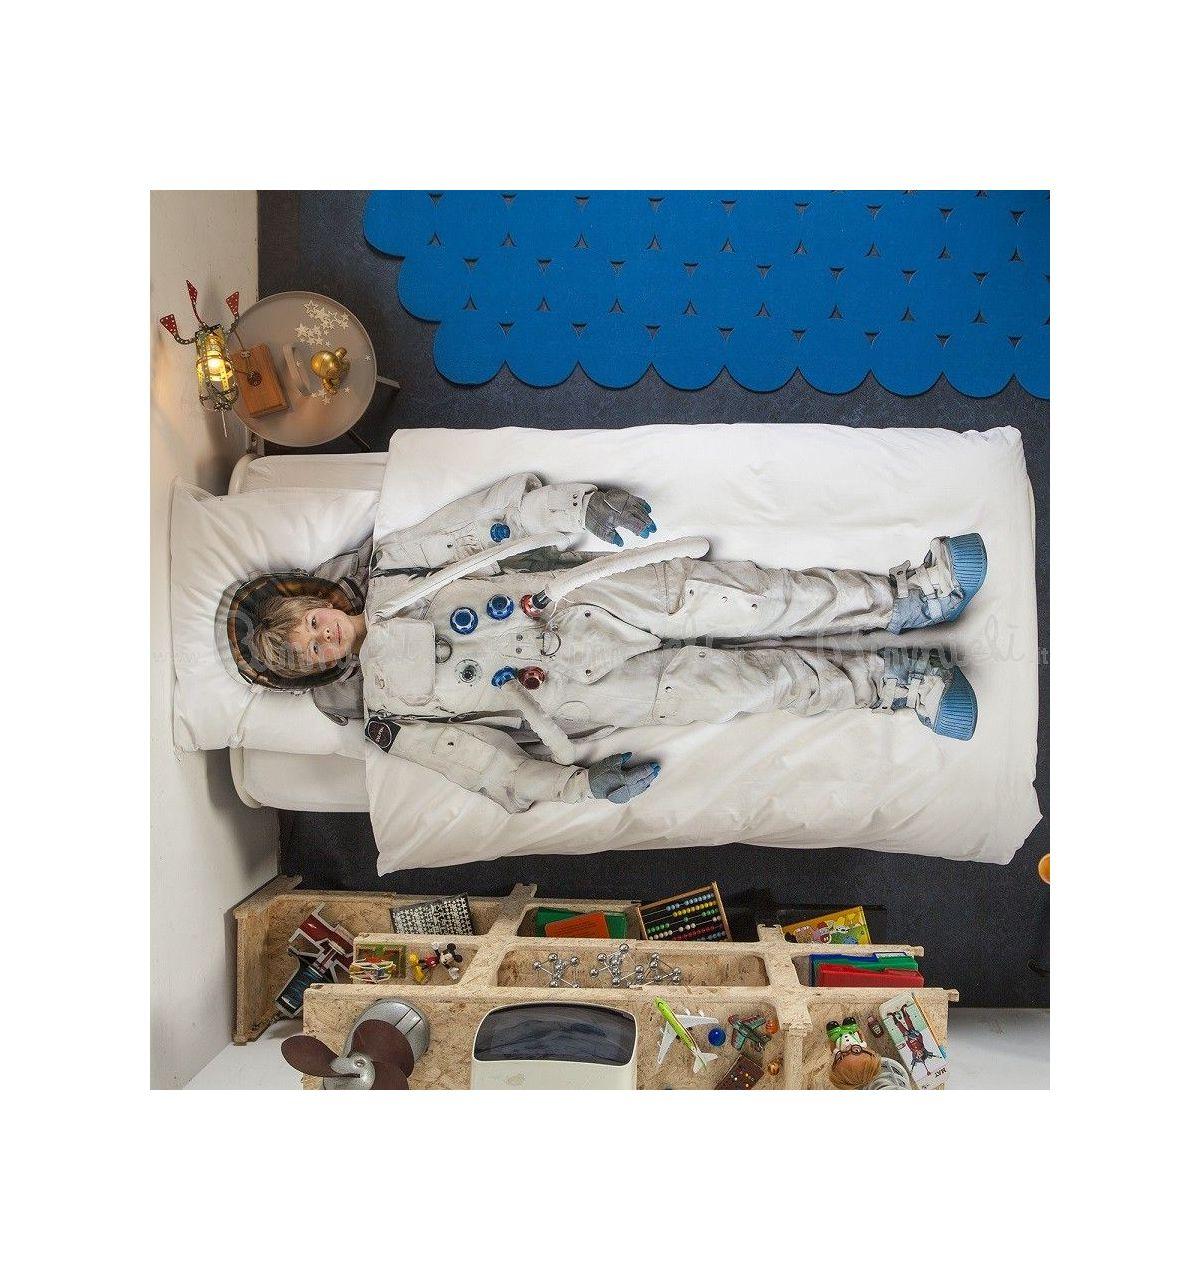 Snurk copripiumino astronauta per letto singolo - Copripiumino letto singolo ...